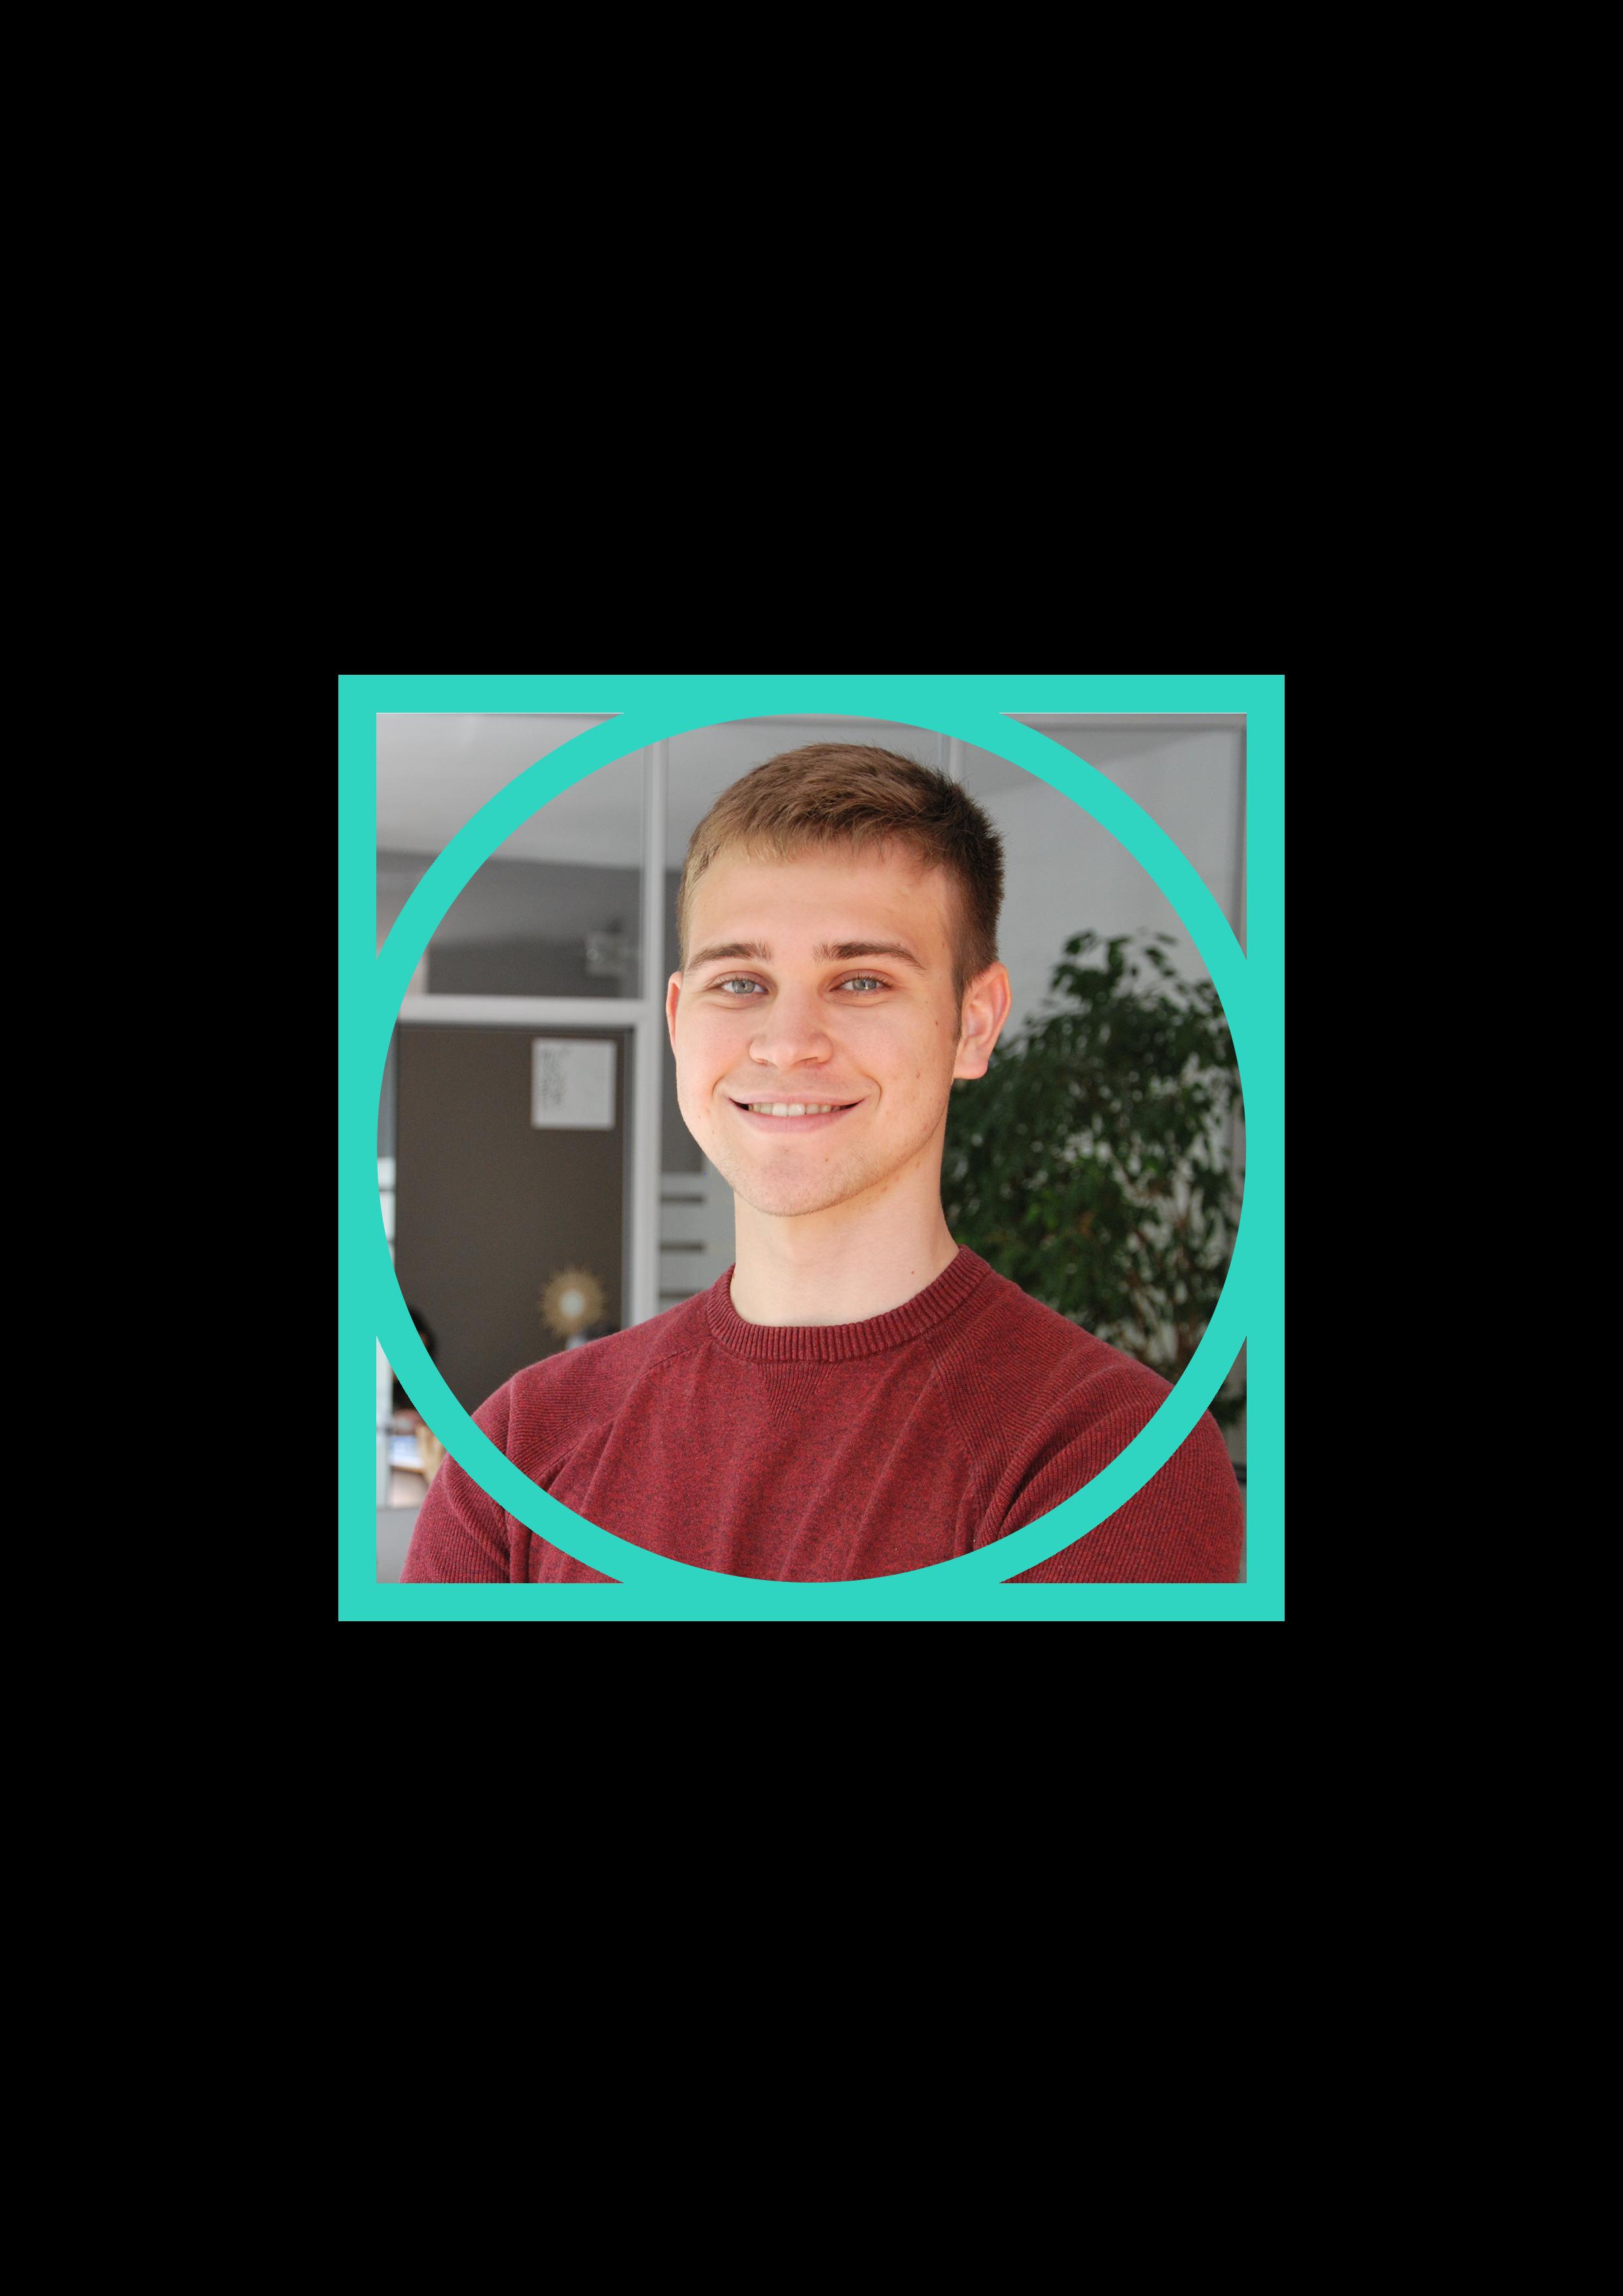 Yanis - Product Manager   Il gère notre produit et passe 80% de son temps au téléphone entre les groupies et les clients. C'est notre business man ! Son style social :  #sentinel #consul   Suivez-le sur  LinkedIn  et  #twitter  !  #product #technology #consulting #epitech